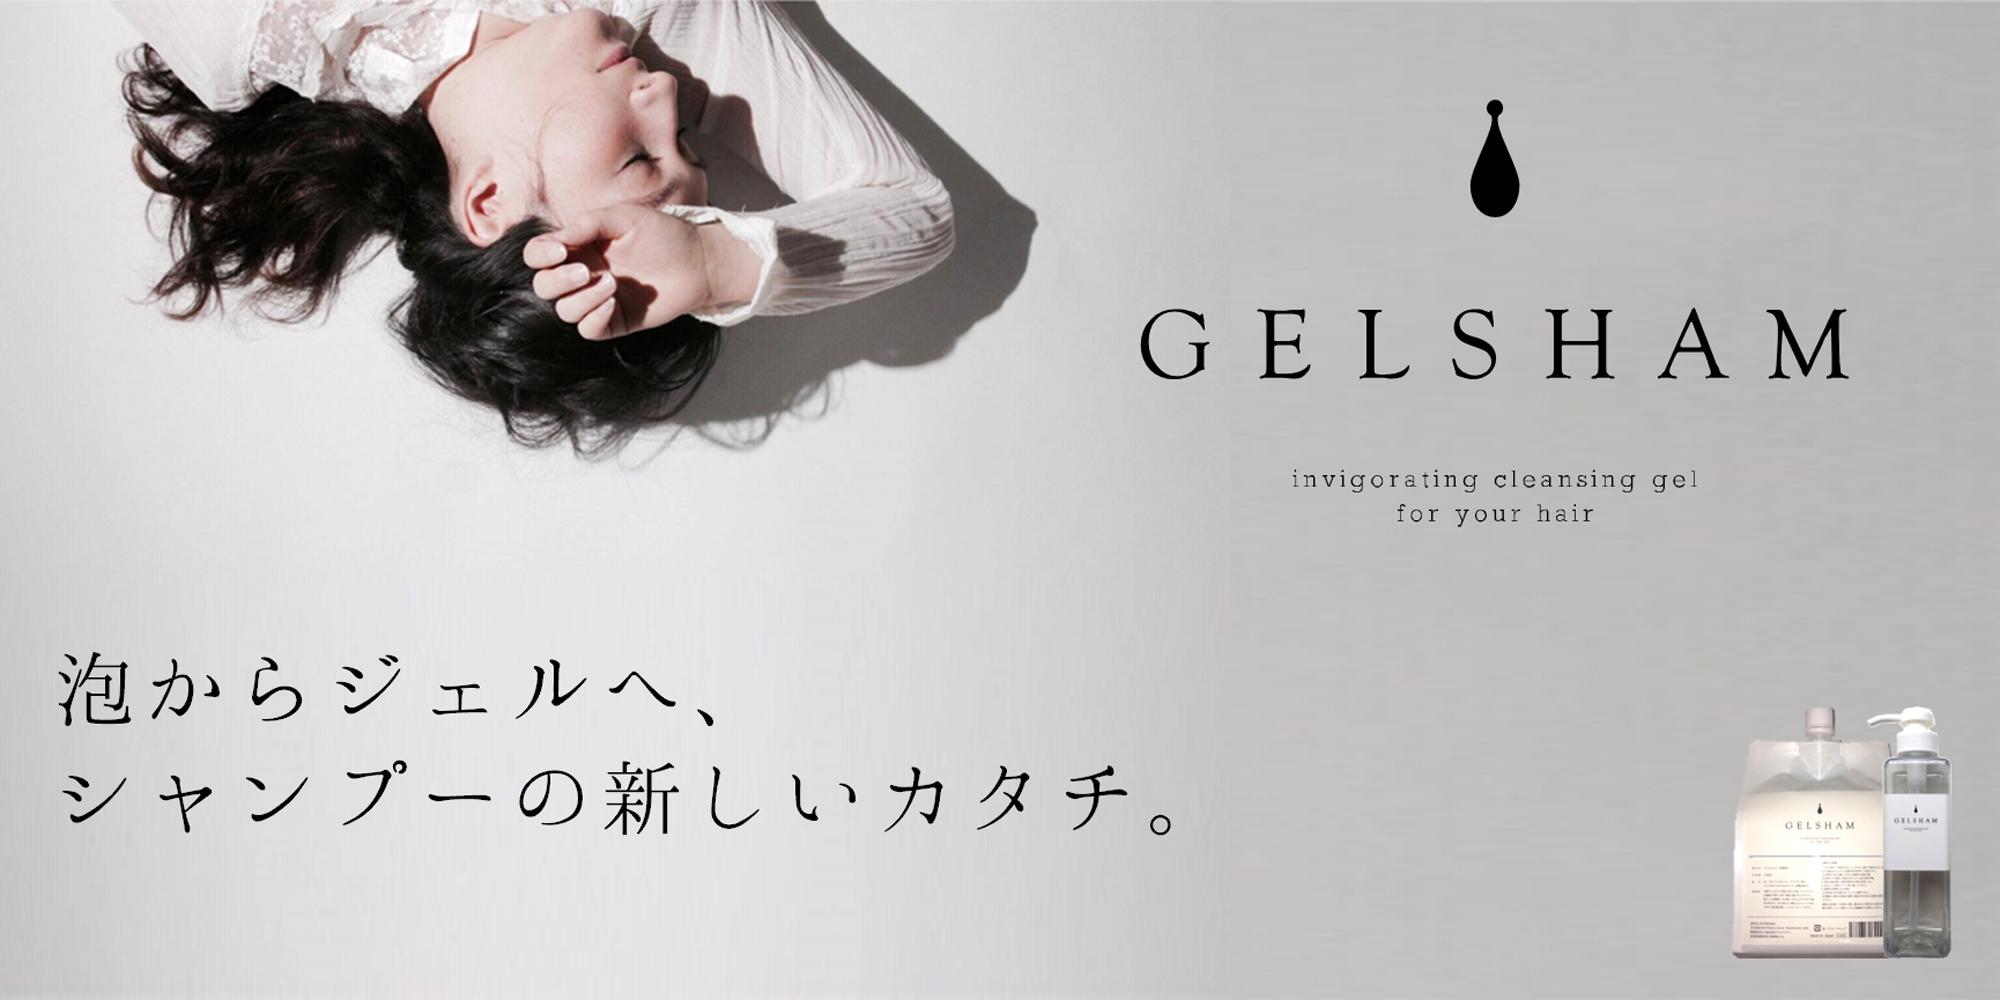 株式会社ルフト公式サイト【PRESS!!!】~名古屋の美容ディーラー(株)ルフト企画部が運営中。~愛知岐阜三重をはじめ東海北陸の美容師様応援サイトです。